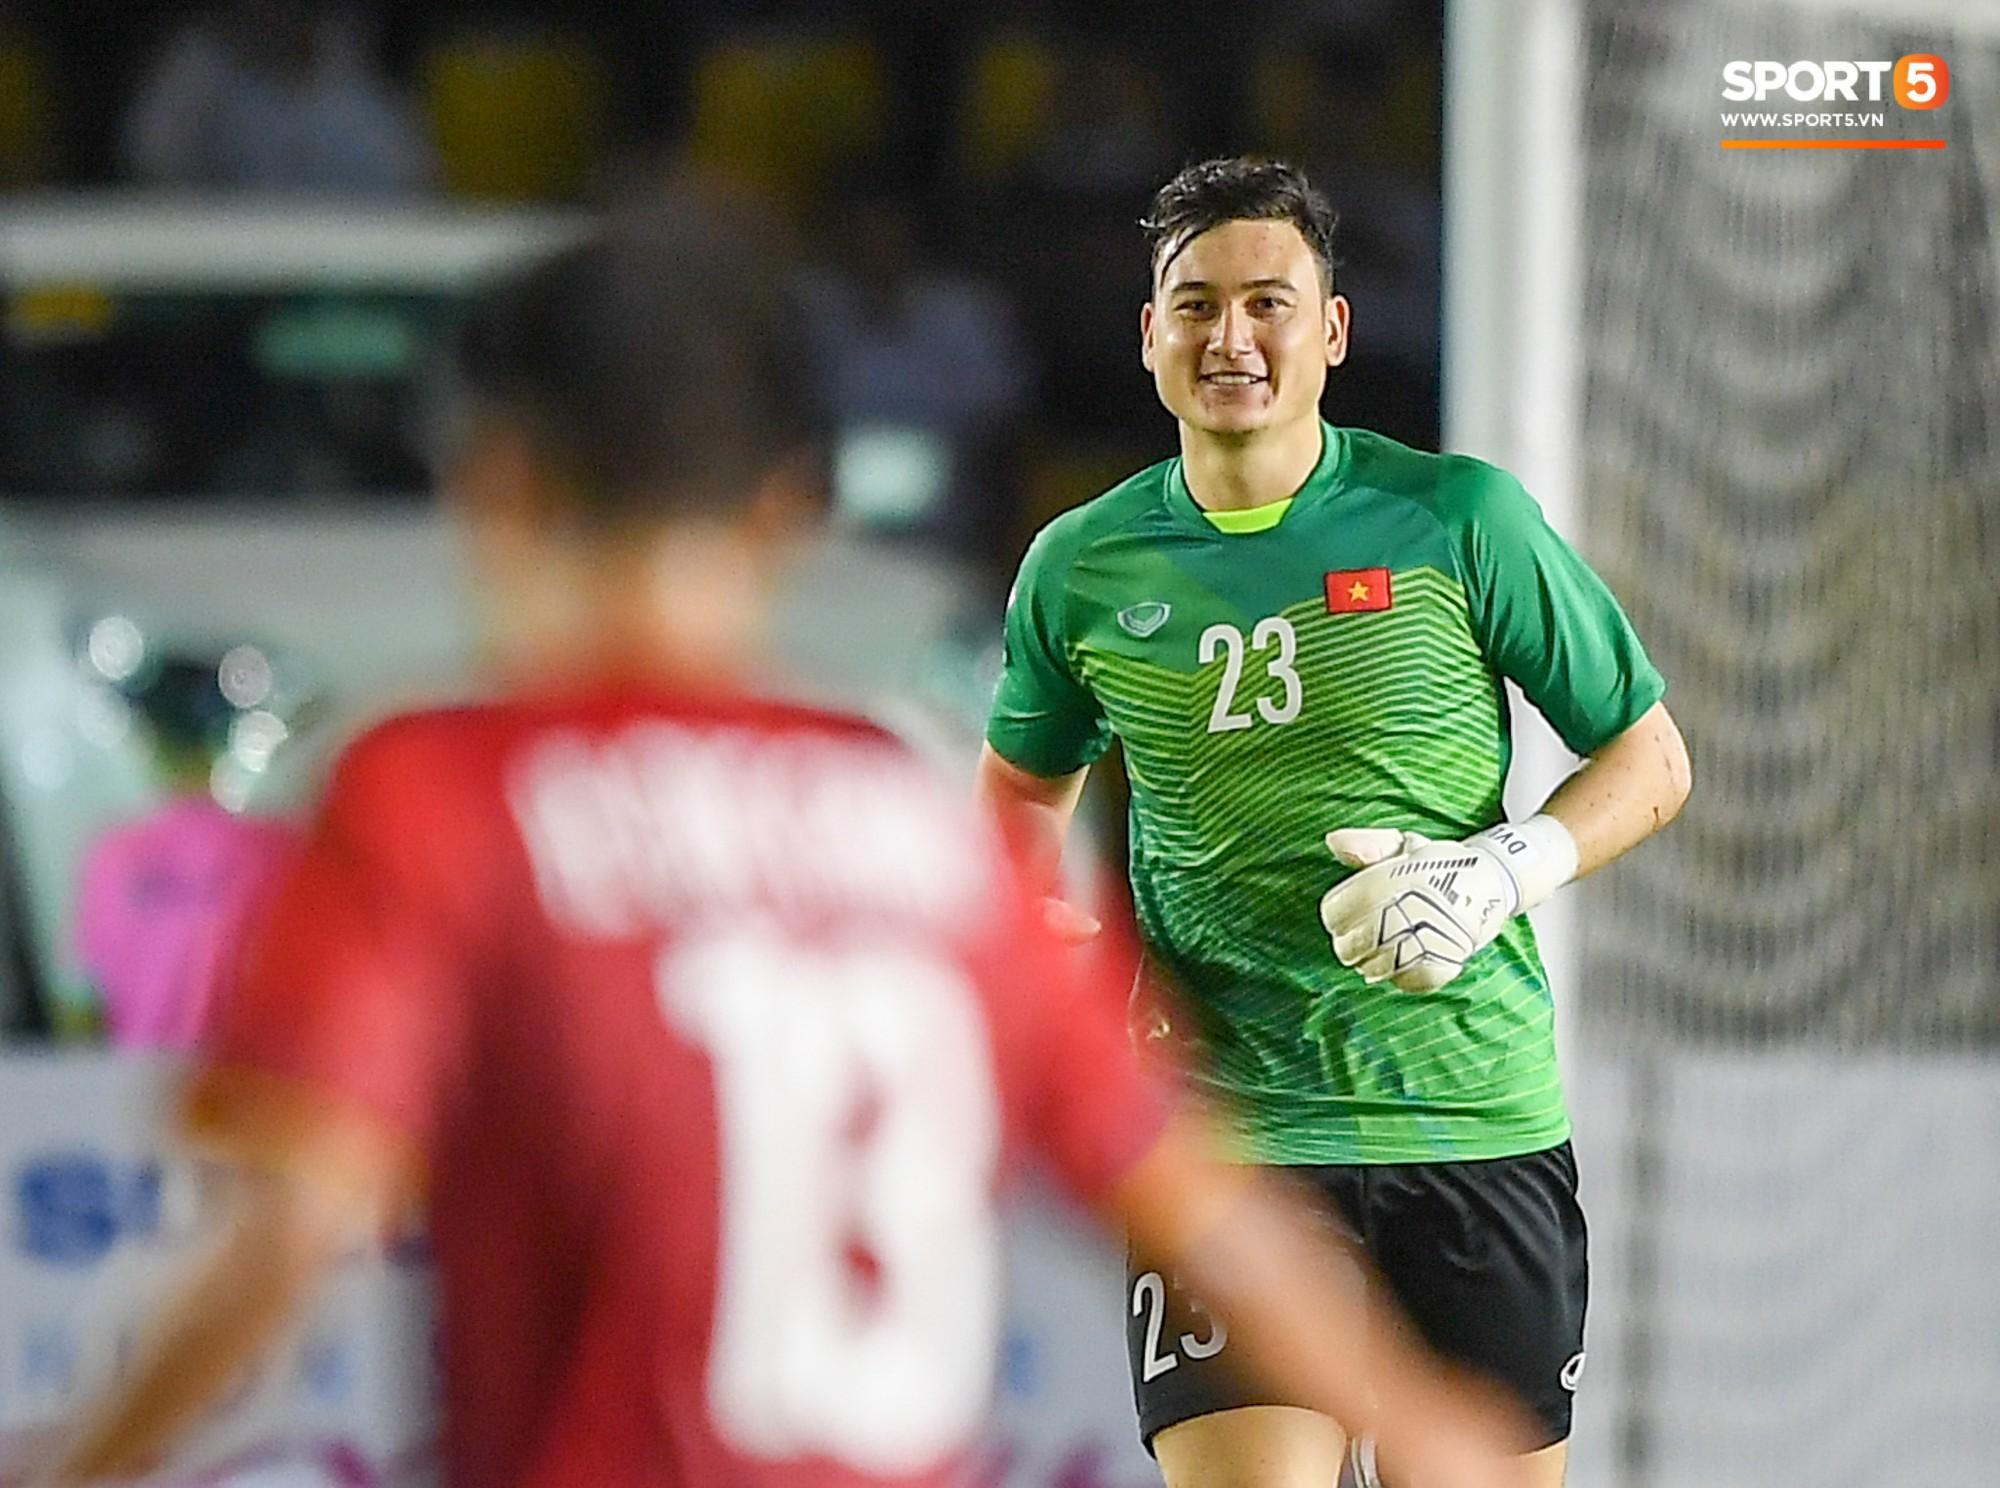 Nếu không đá bóng, các tuyển thủ Việt Nam sẽ đi theo con đường nào?-8